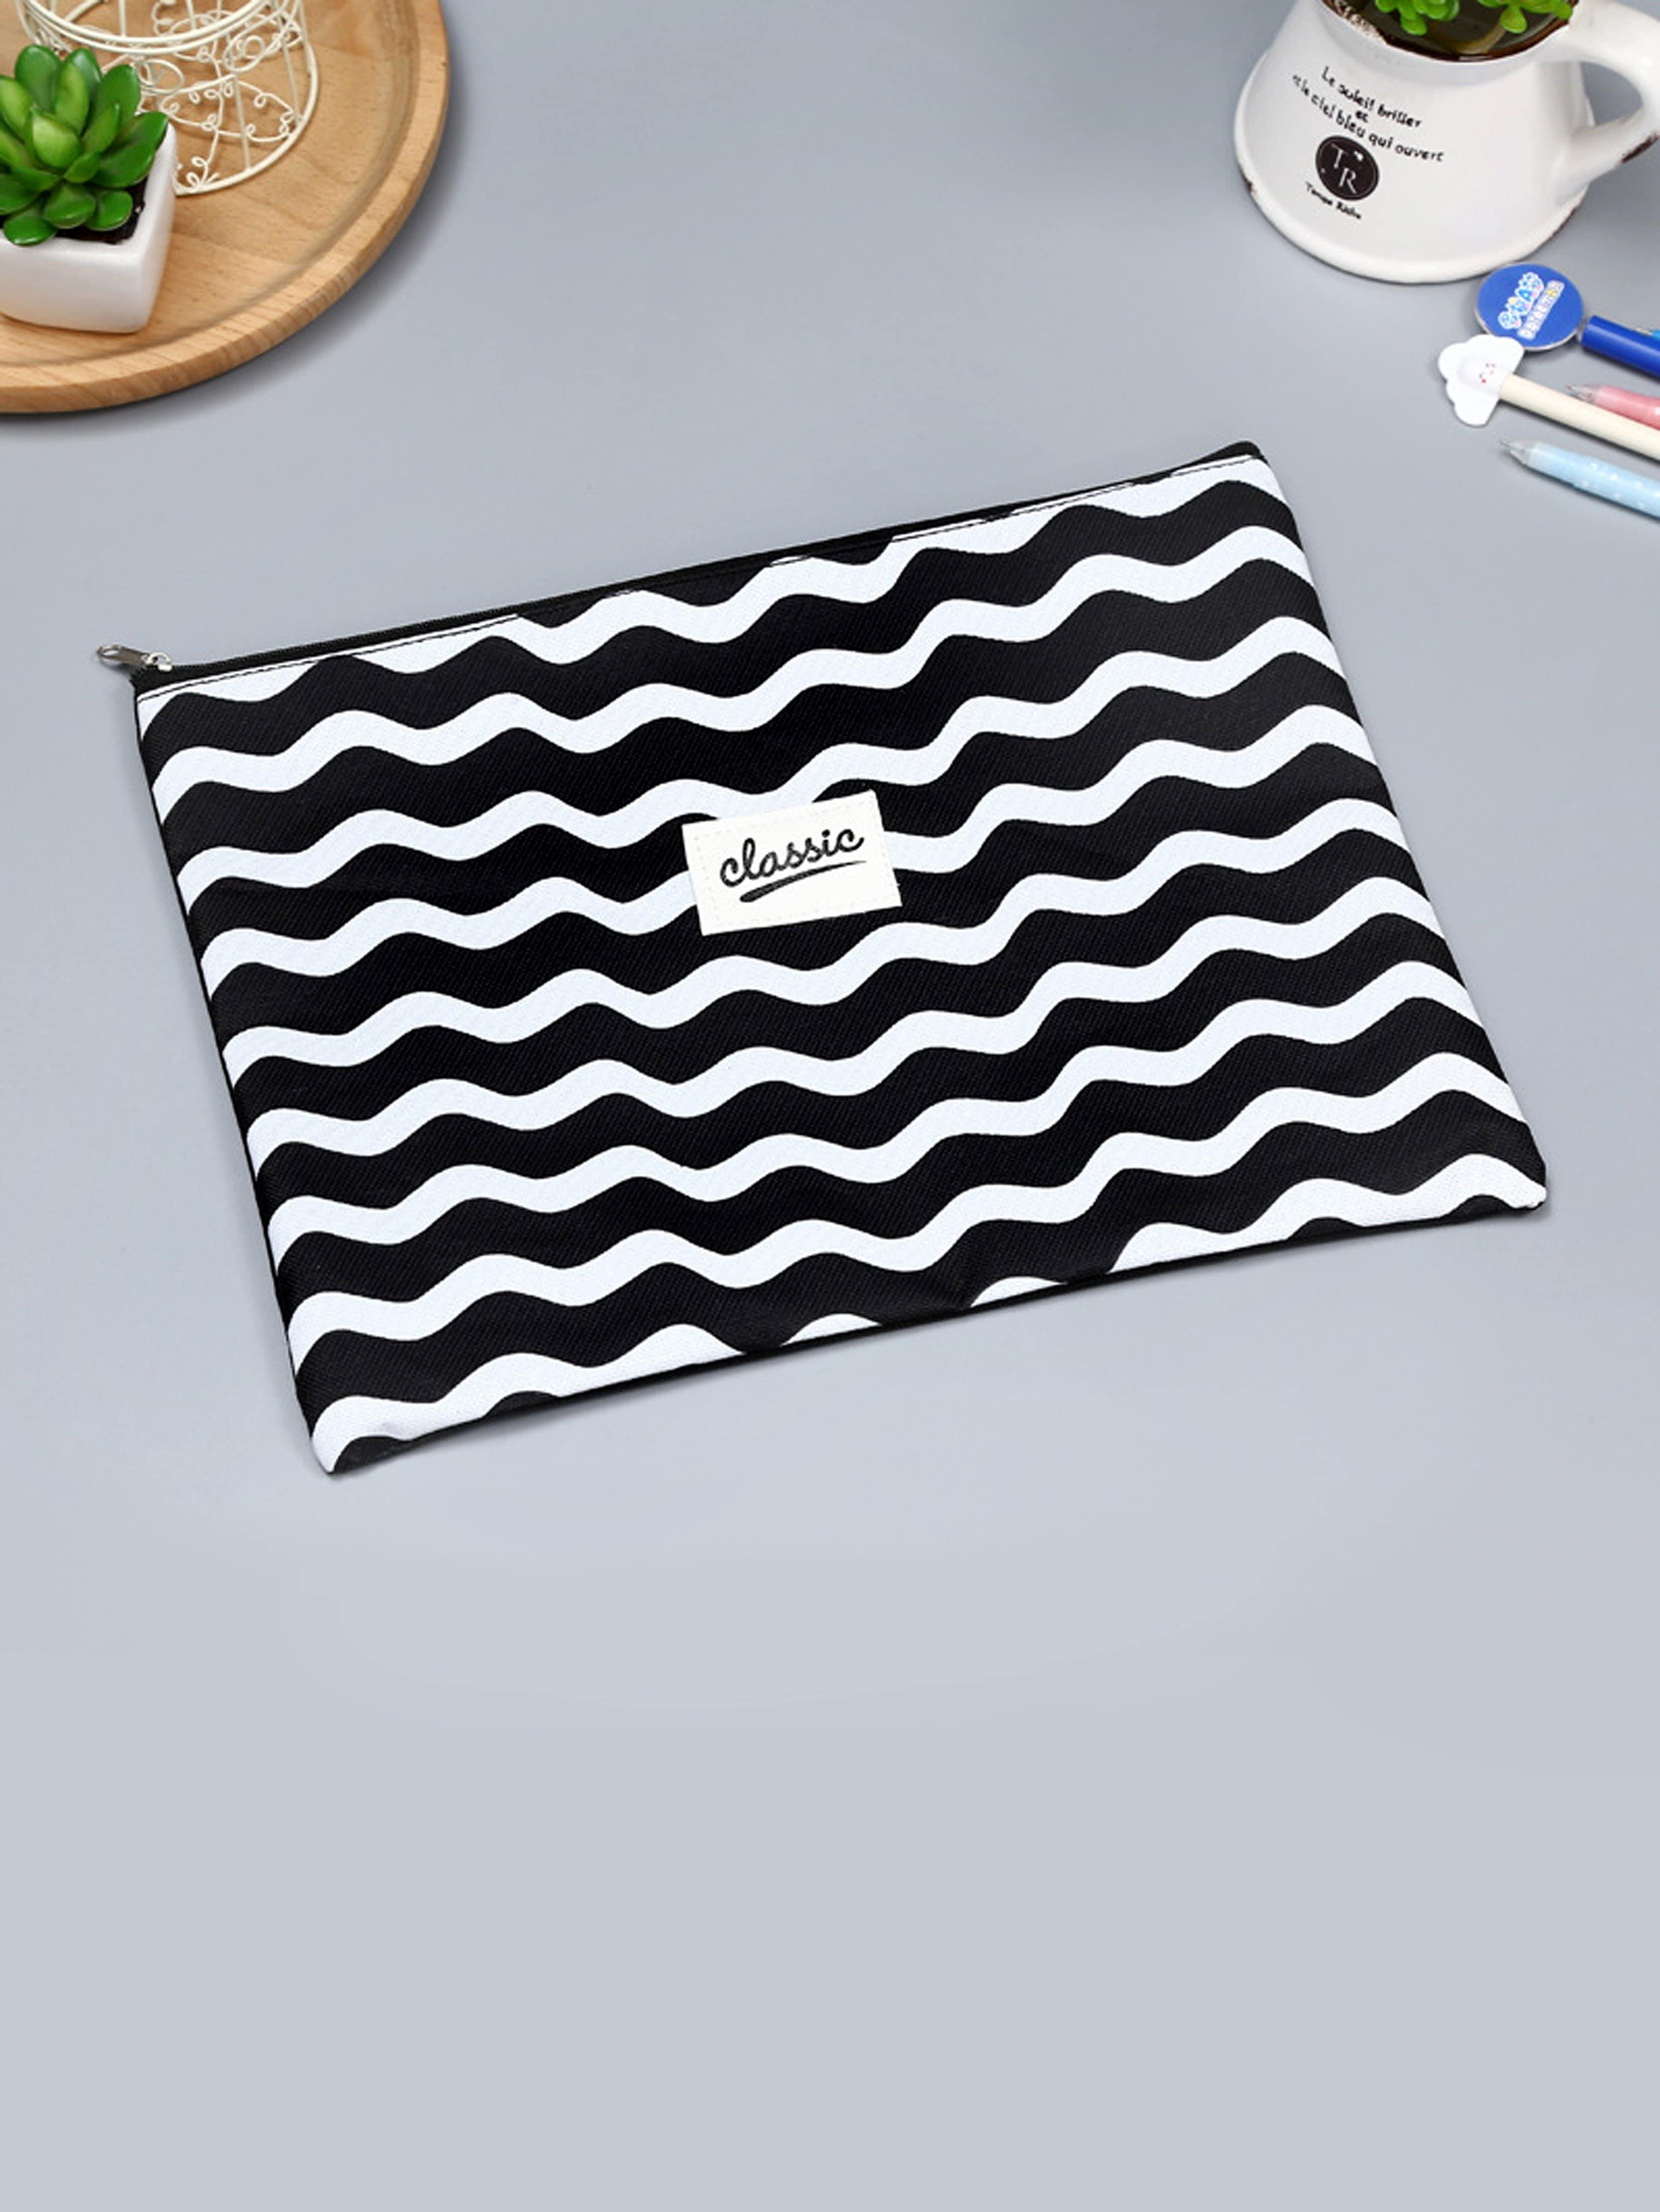 Zigzag Stripe Zipper File Holder